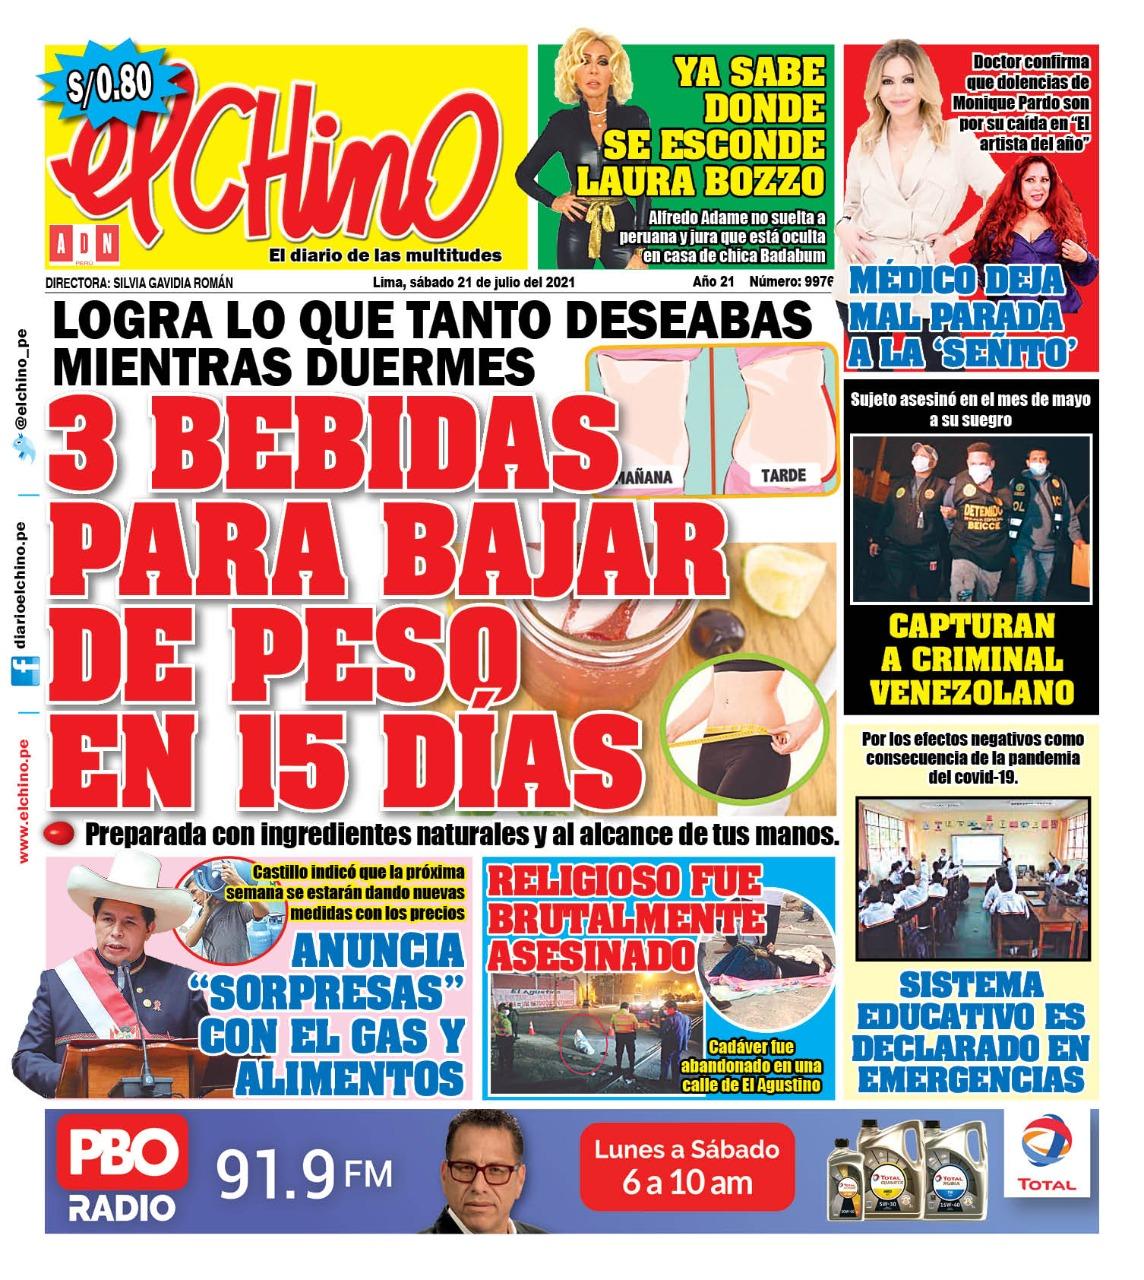 Portada impresa – Diario El Chino (21/08/2021)